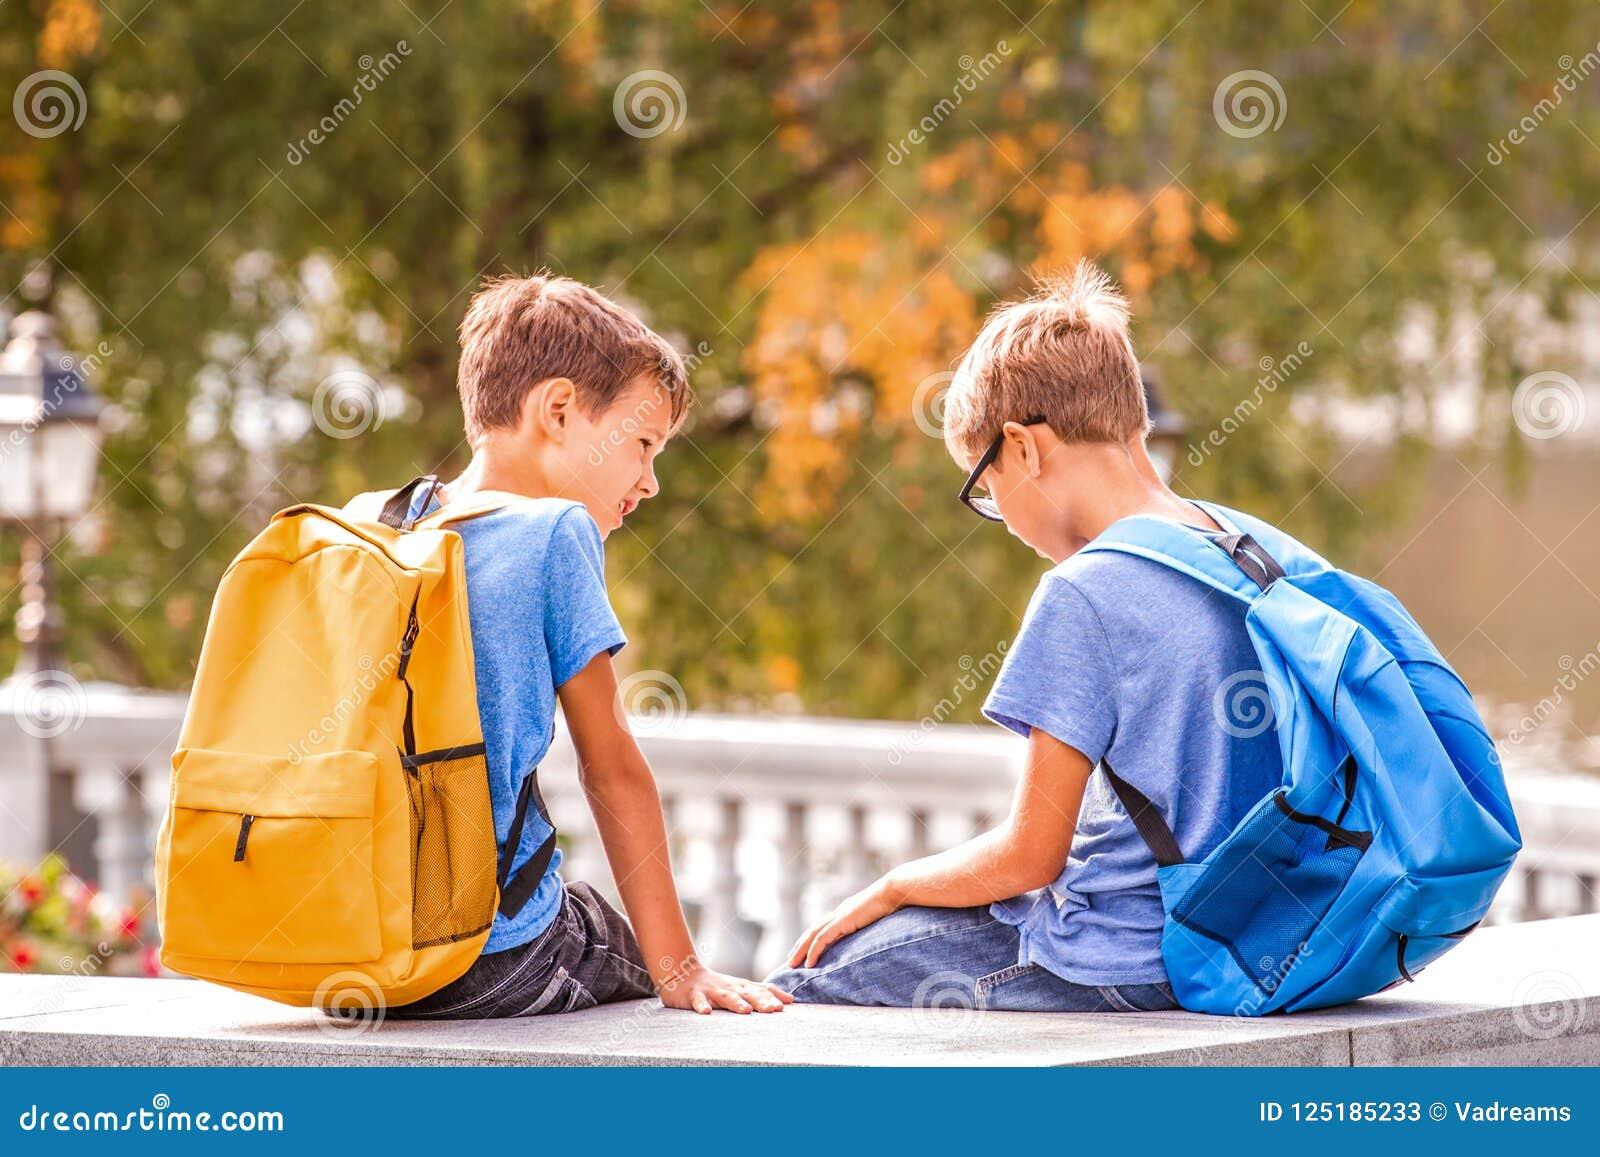 Kids Talking At School